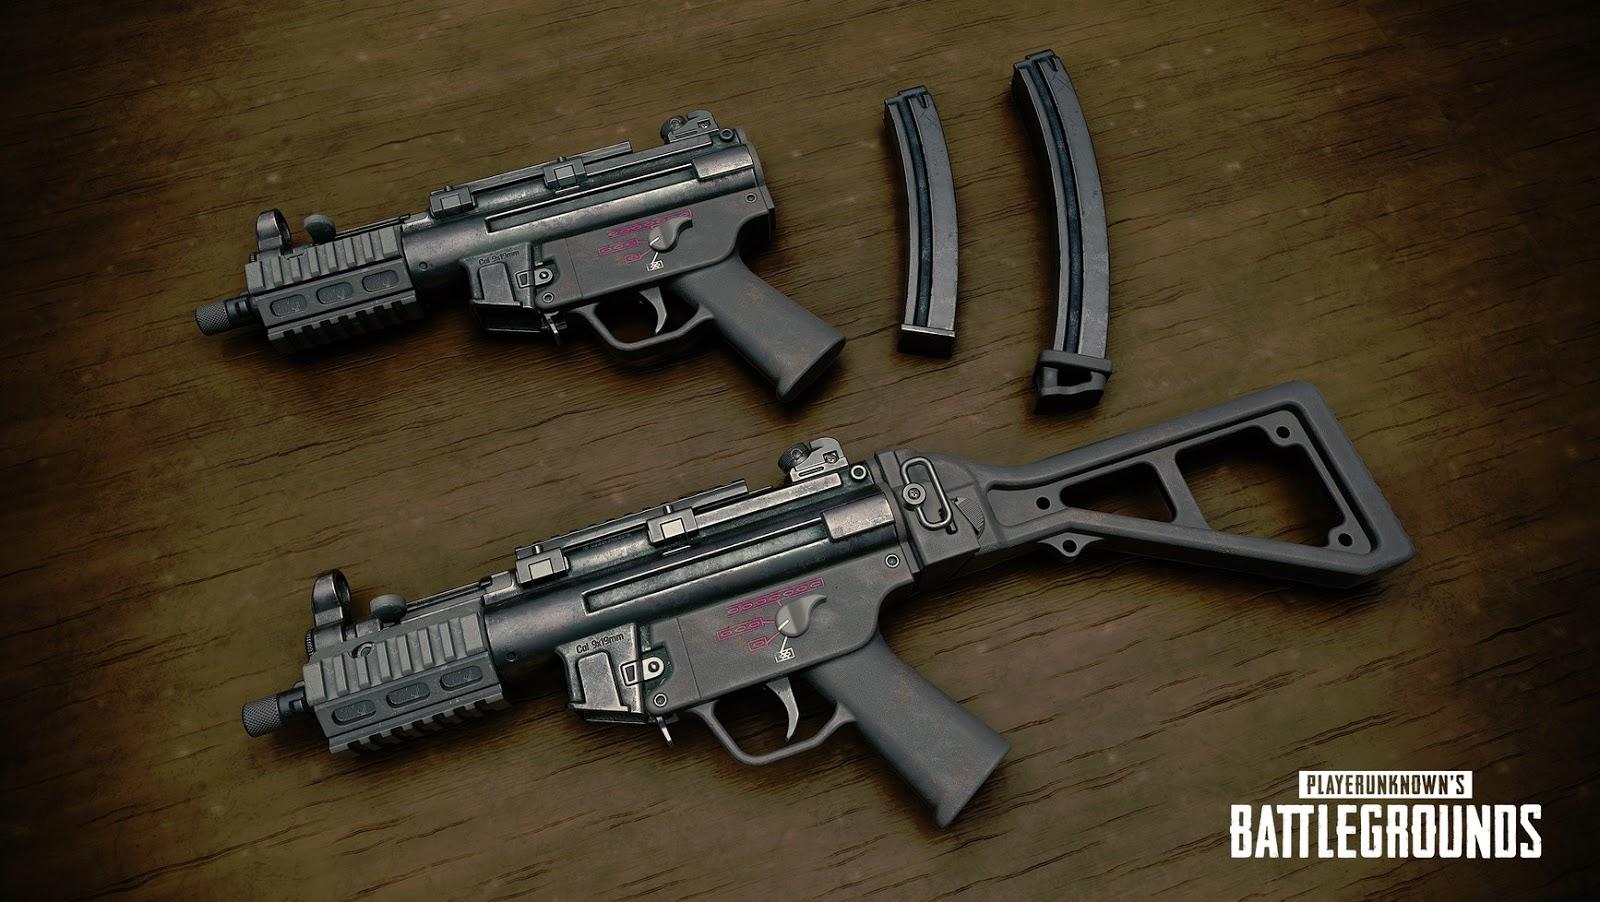 الفصل الجديد من ببجي (PUBG) ... أسلحة و مواقع جديدة ستدهشك !